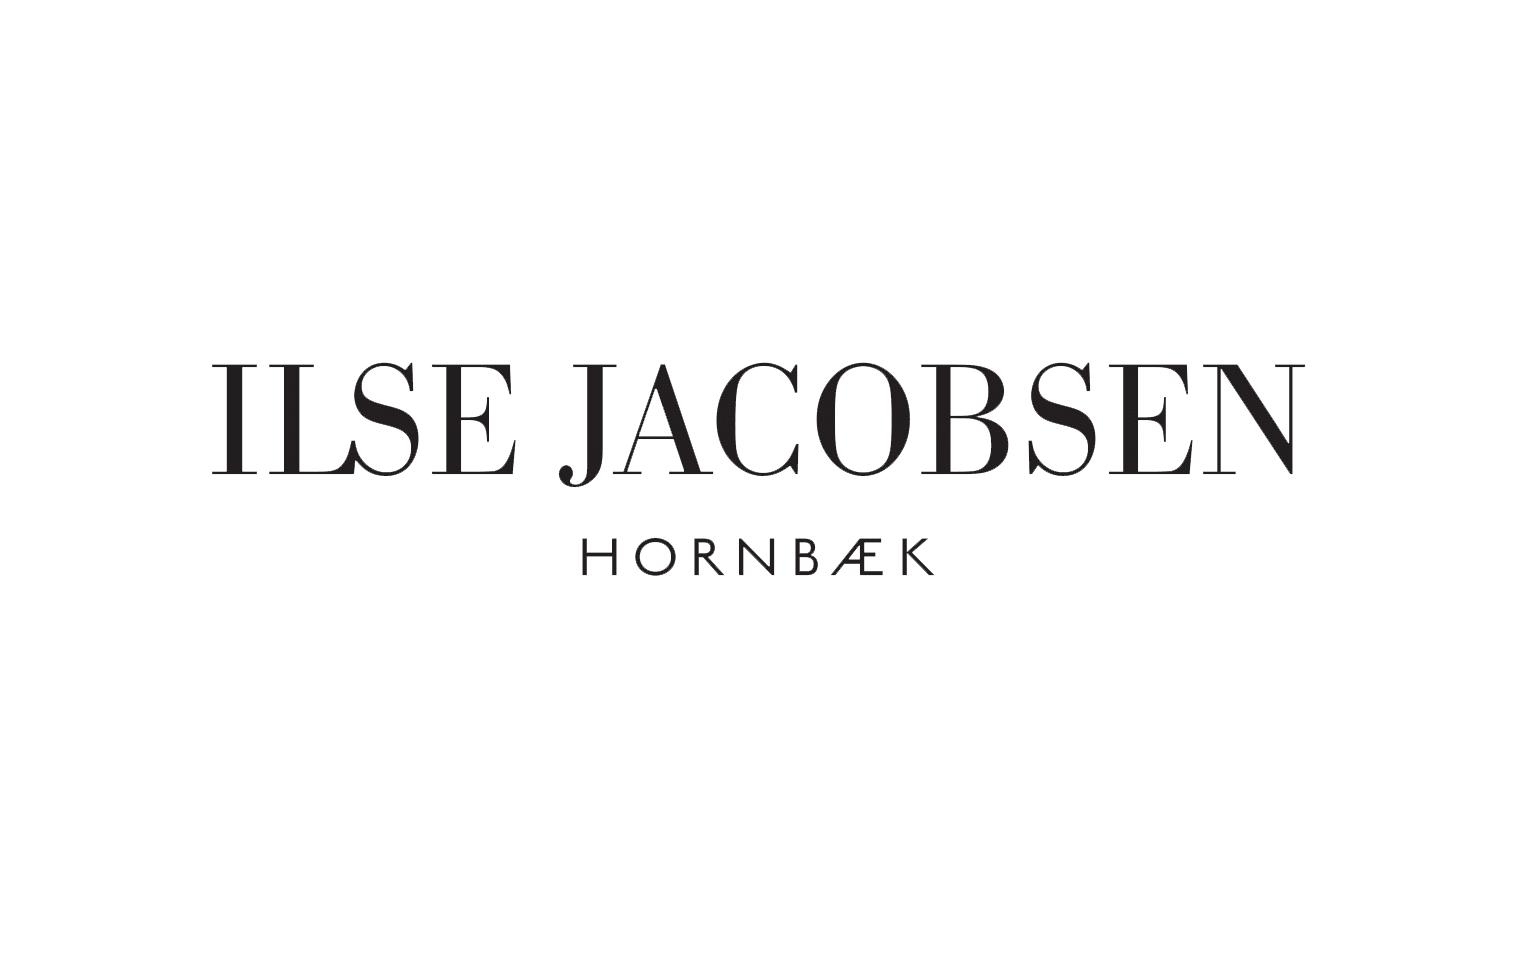 Ilse jacobson logo